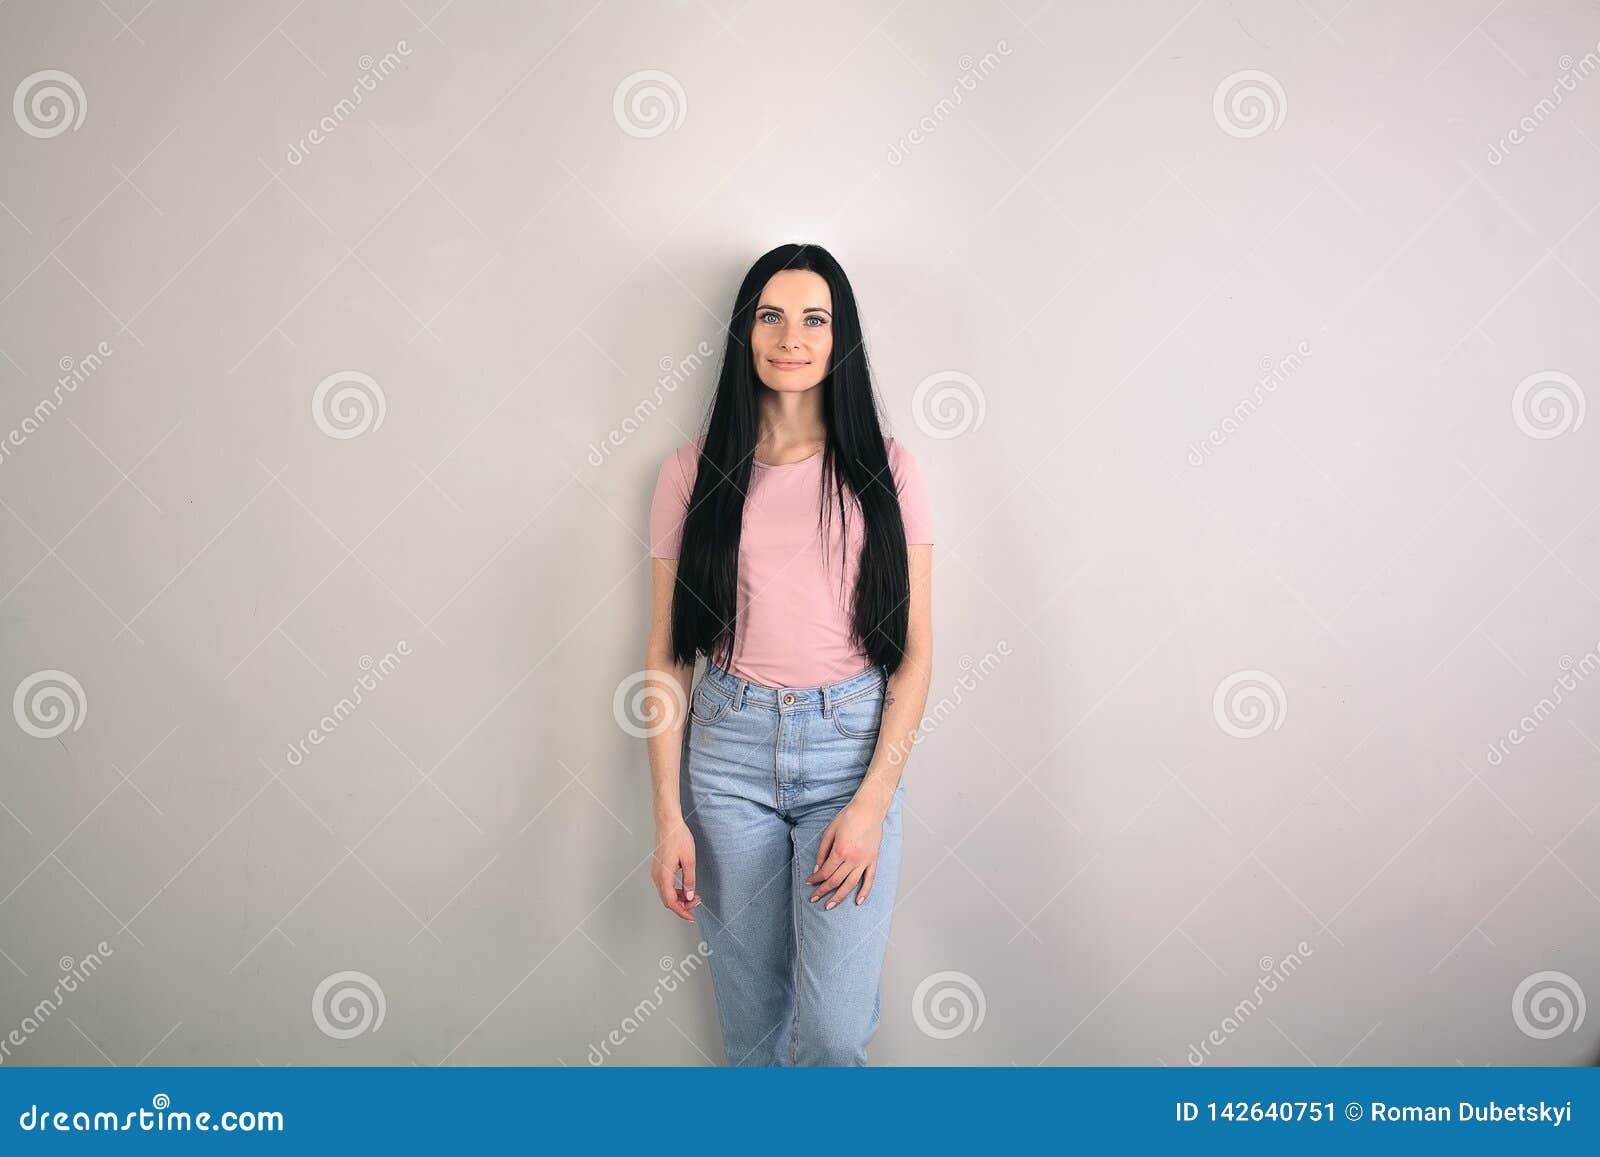 De mooie jonge donkerbruine vrouw met lang haar bevindt zich door de grijze achtergrond kijkend recht aan de camera wearing